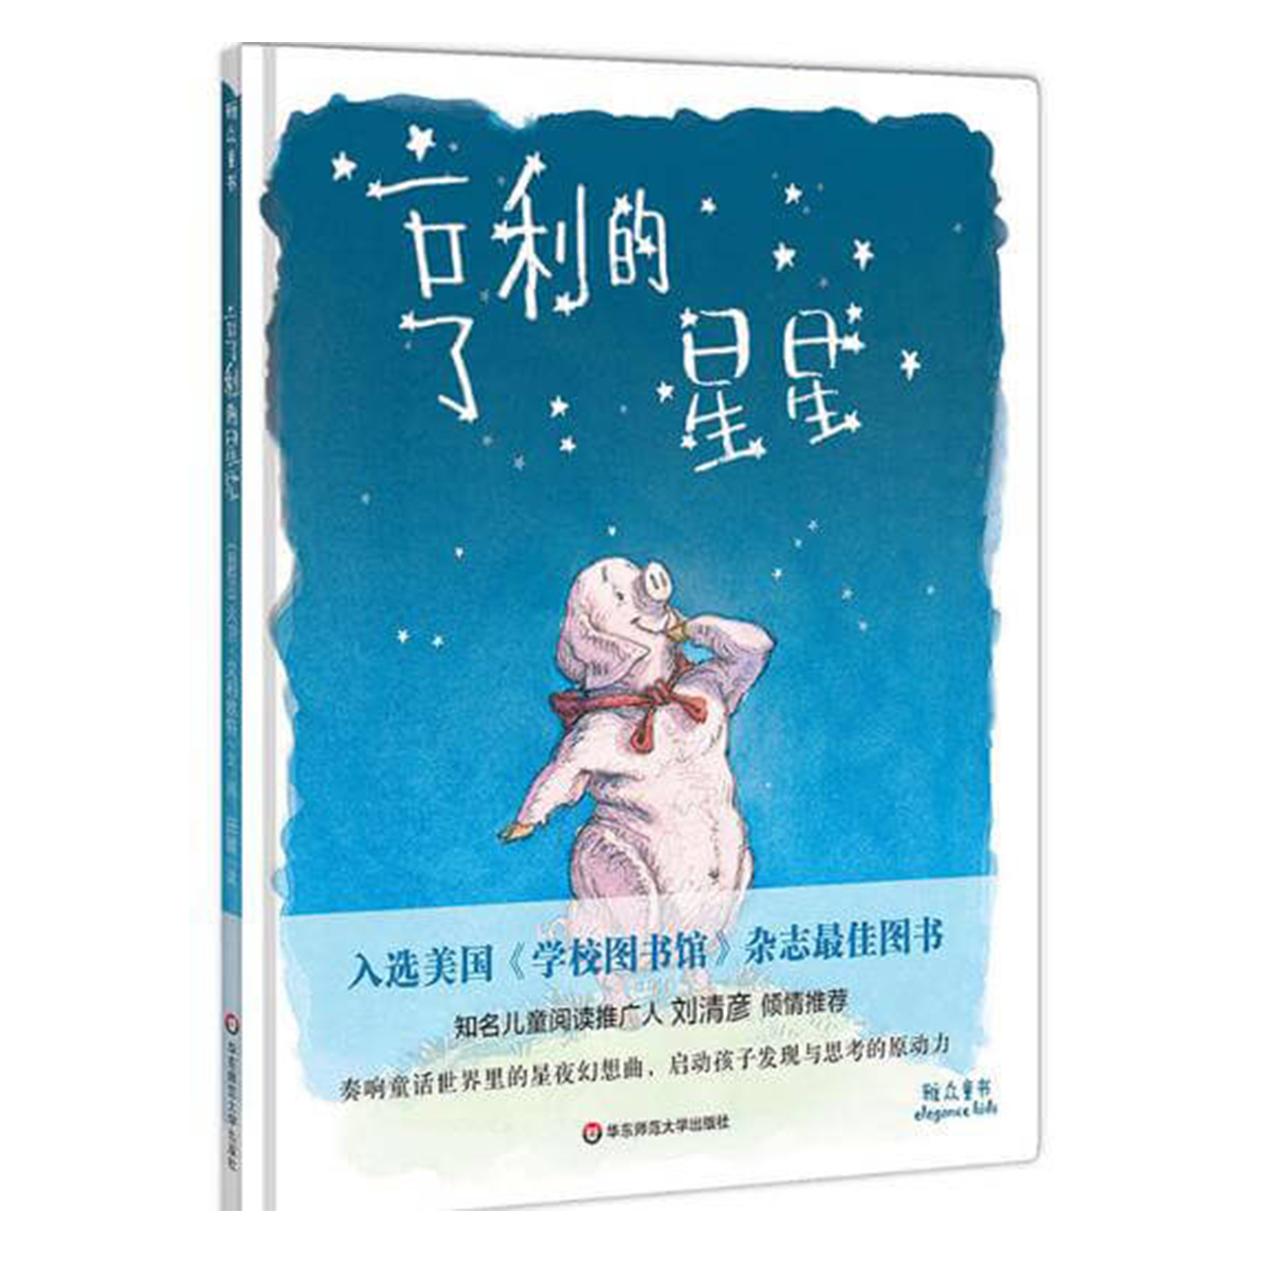 亨利的星星【儿童绘本/翻译绘本/有趣故事】